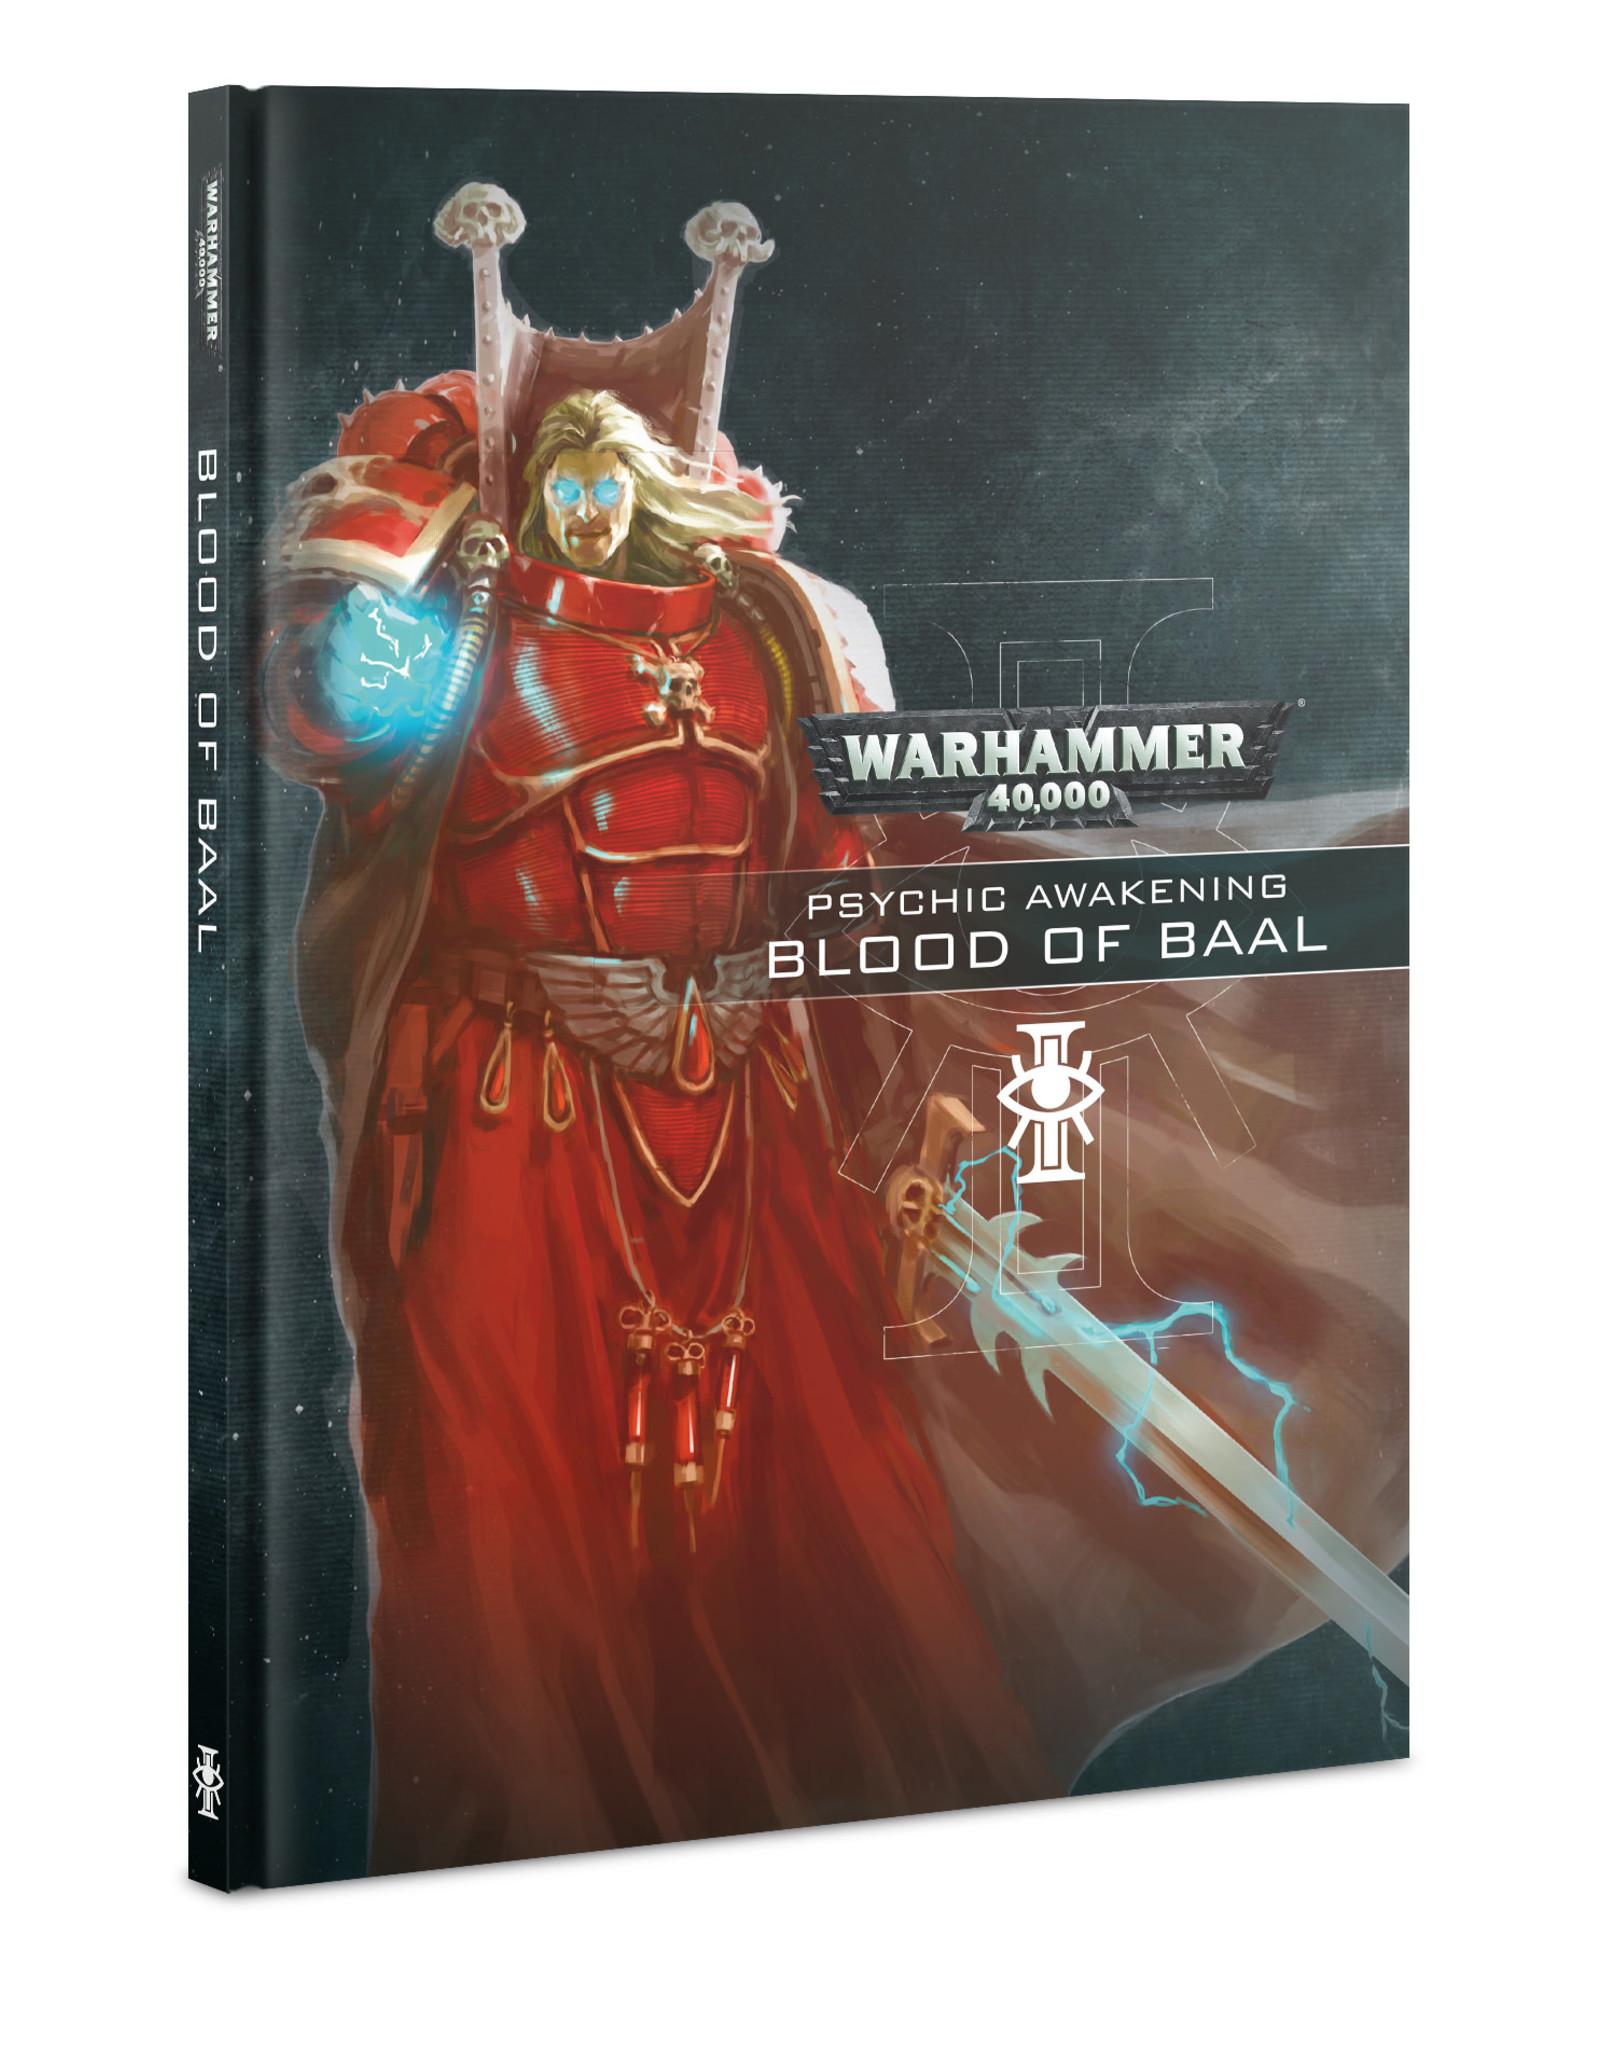 Warhammer 40K Psychic Awakening: Blood of Baal